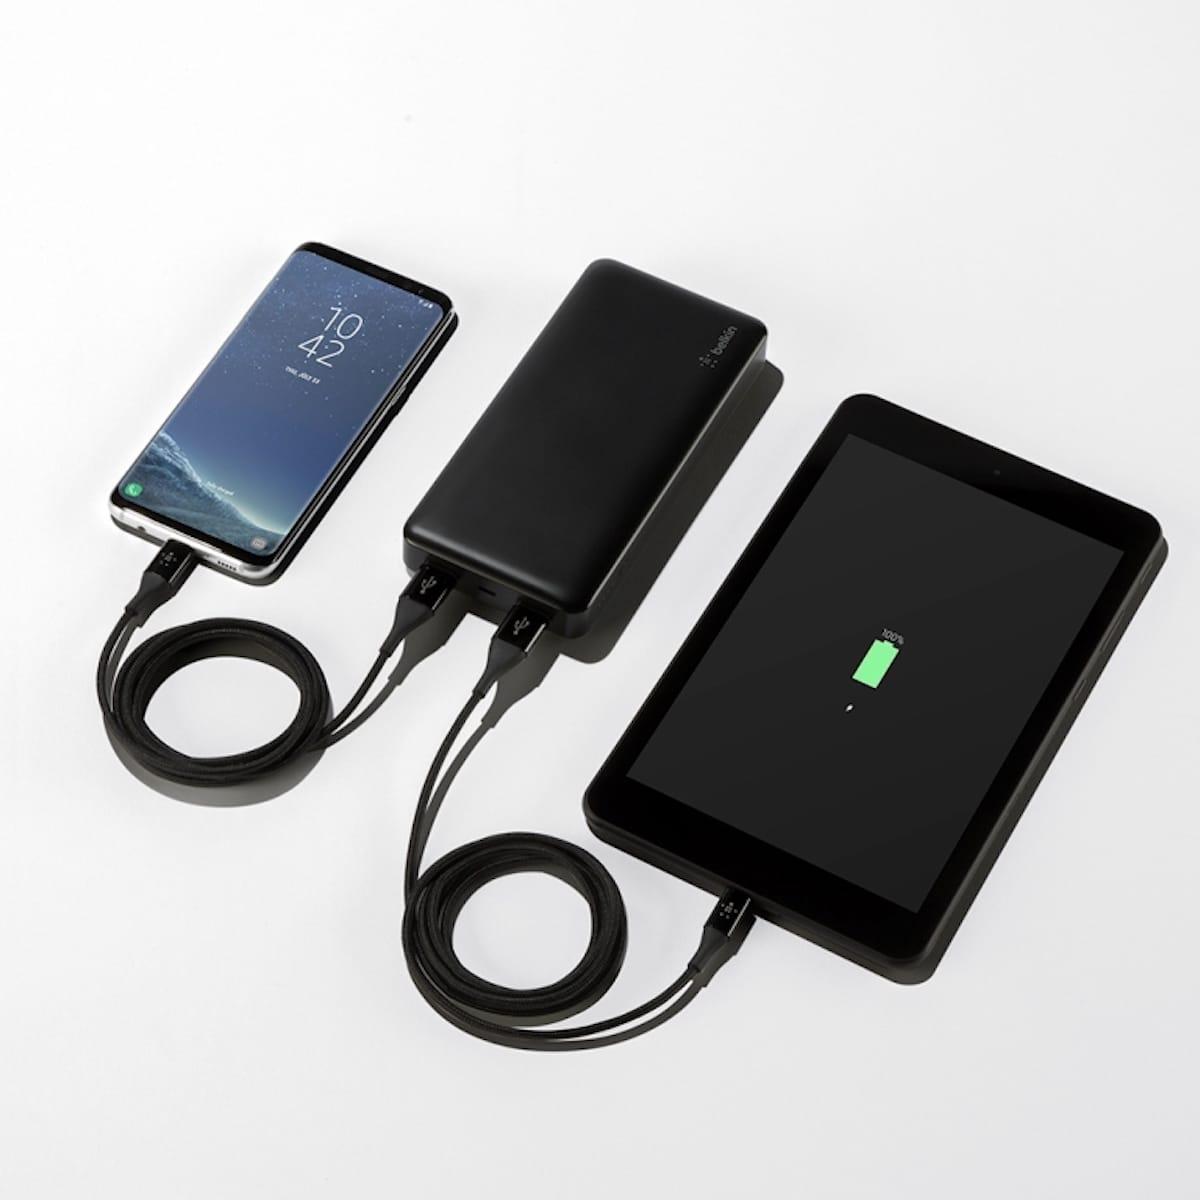 ベルキンから最強モバイルバッテリー登場!2台同時急速充電、軽量で安全! technology180522_belkin_1-1200x1200